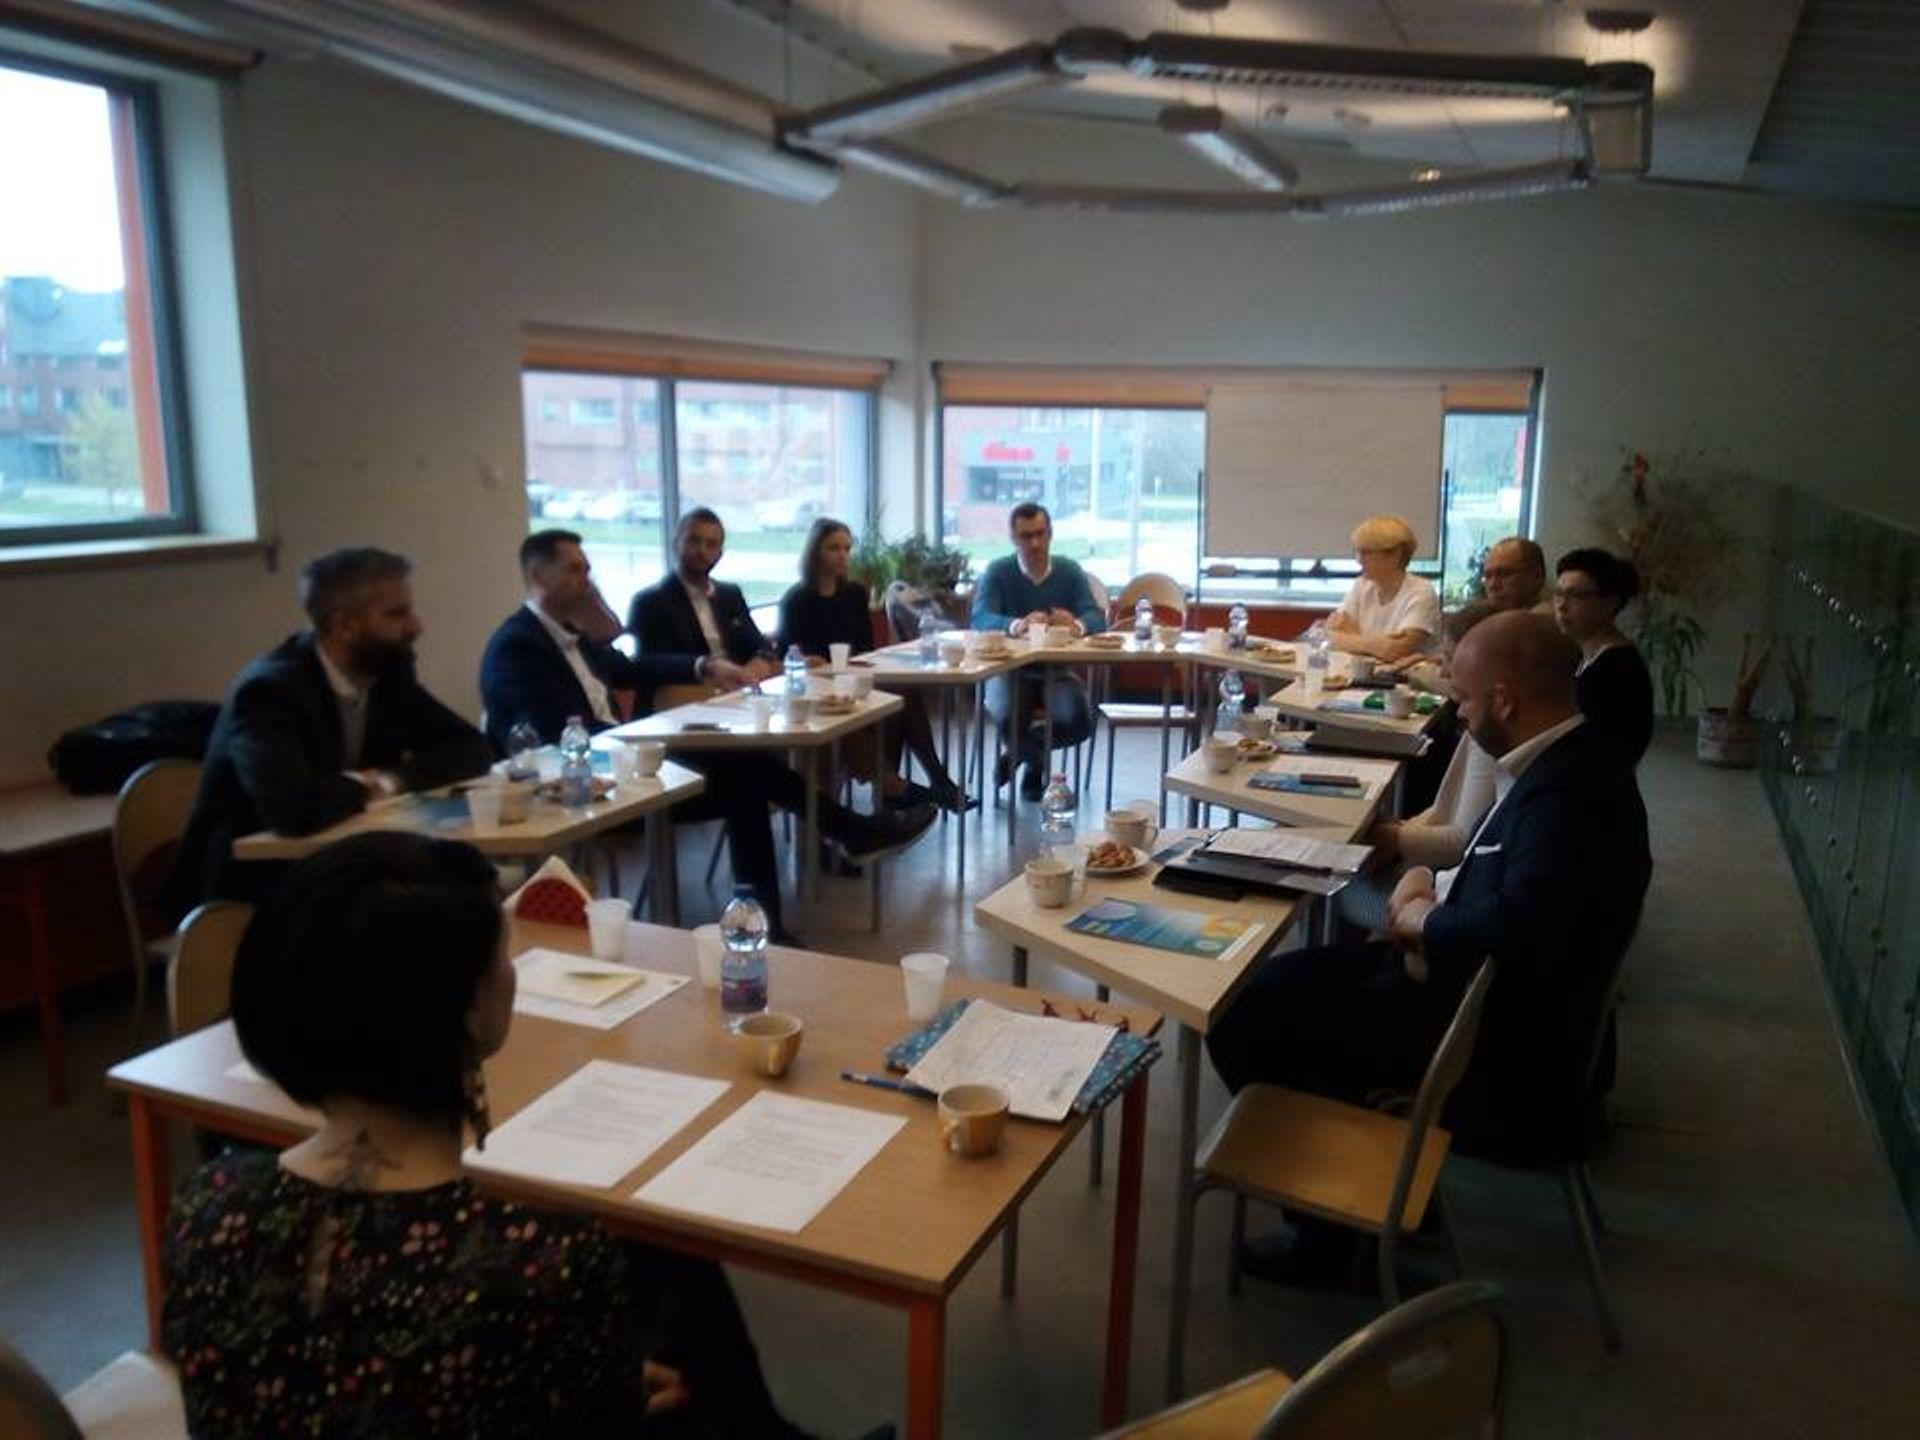 Wrocław: Okrągły stół na Maślicach. Wzorcowy przykład dyskusji o planowaniu przestrzeni